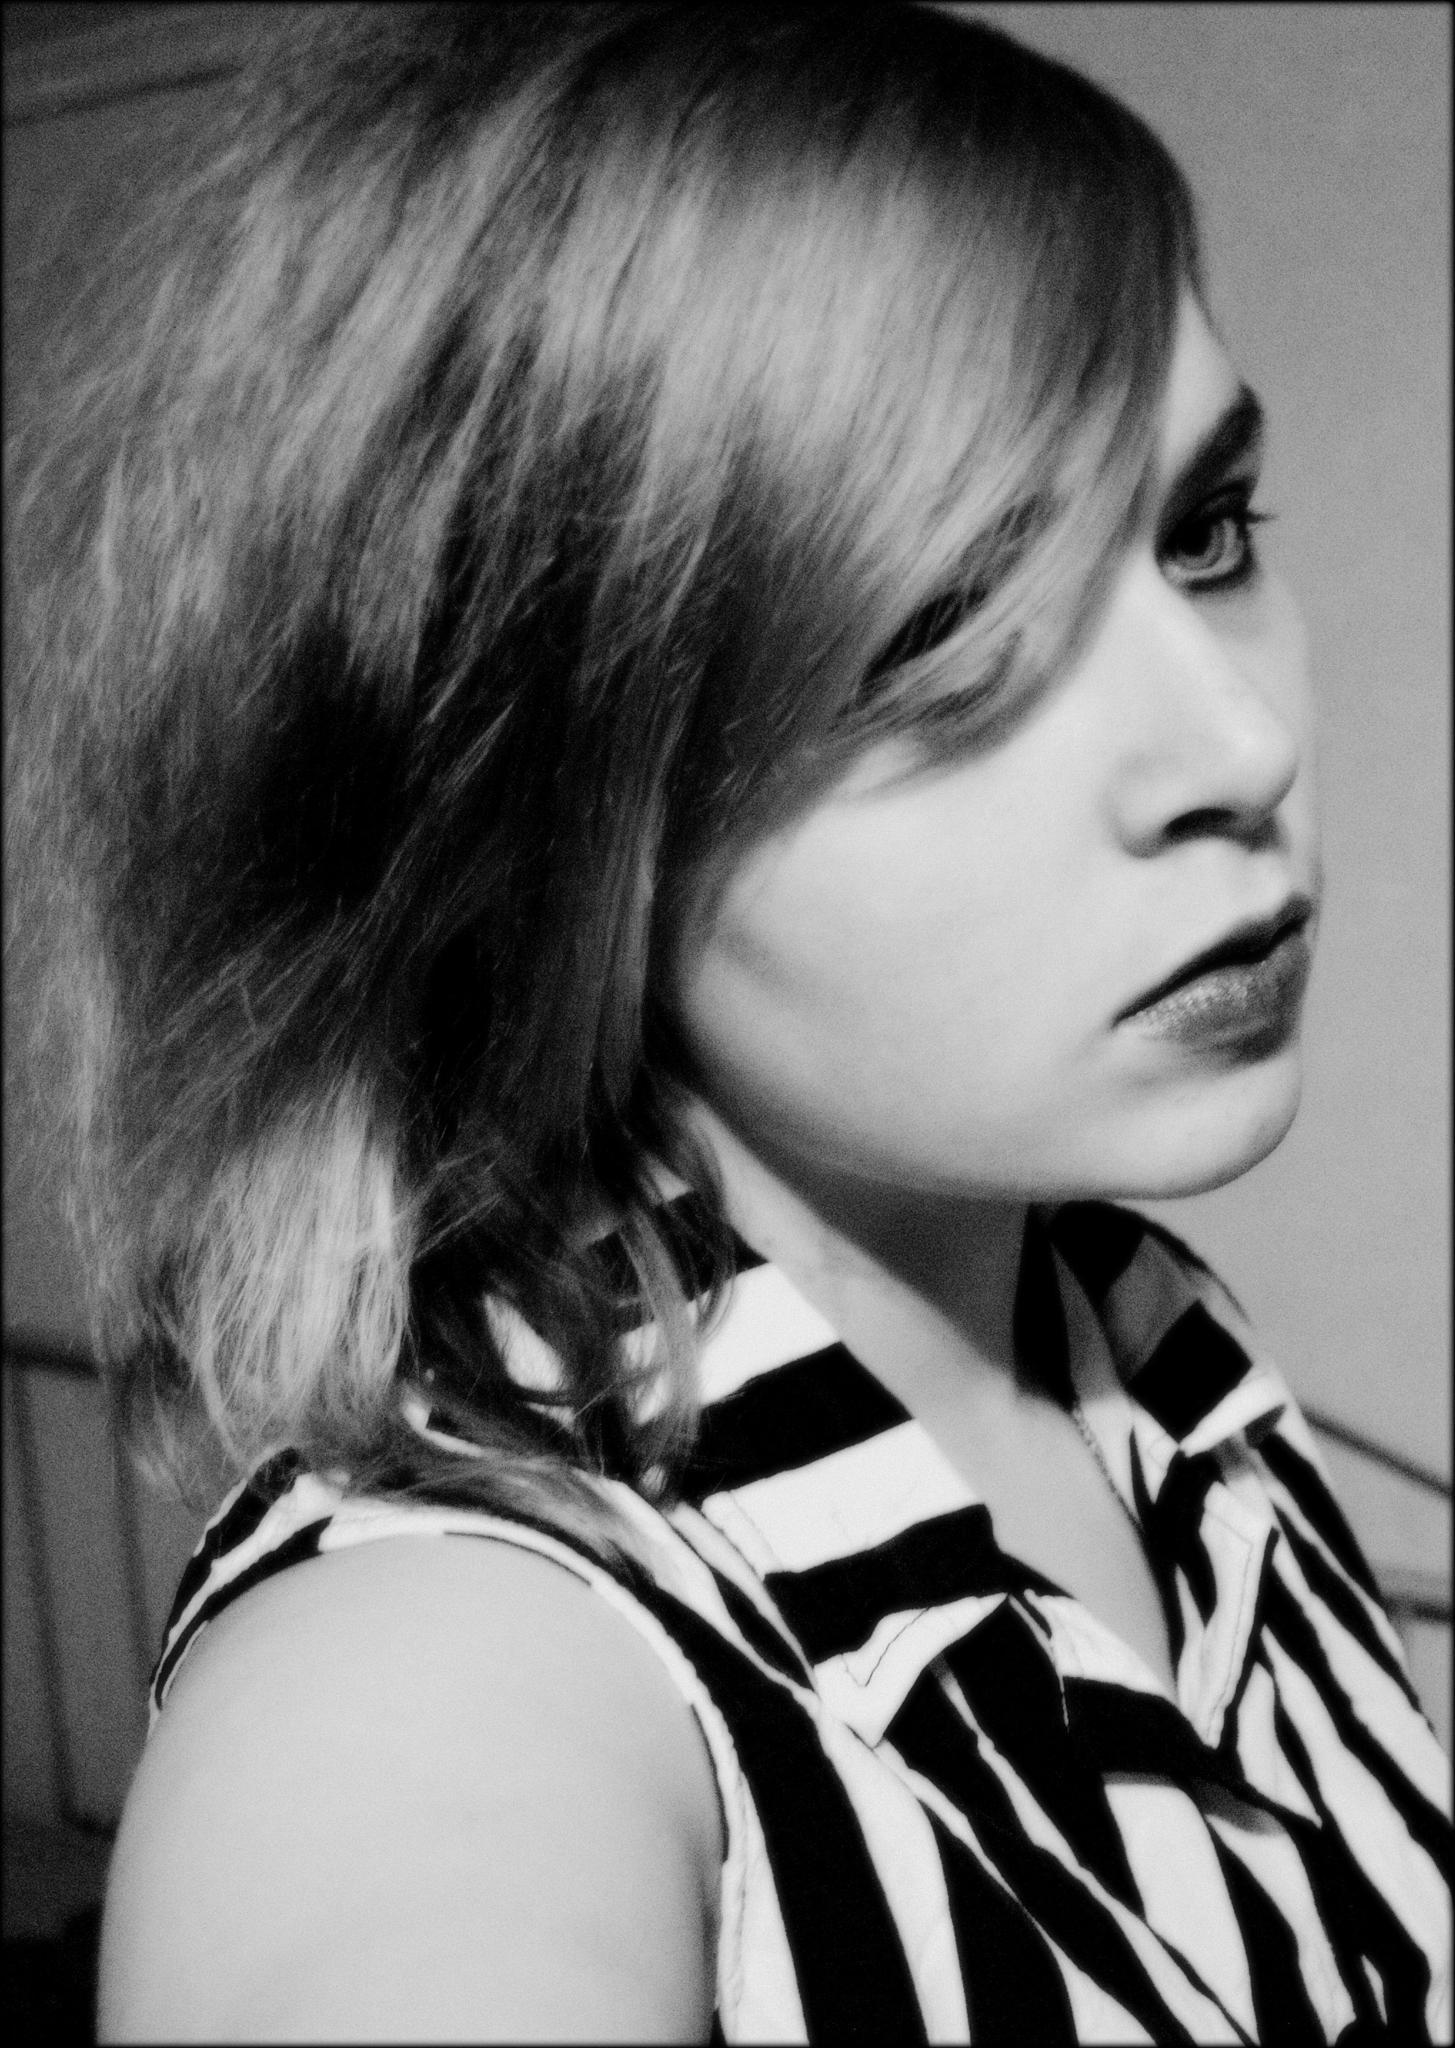 Self-portrait by Hanne